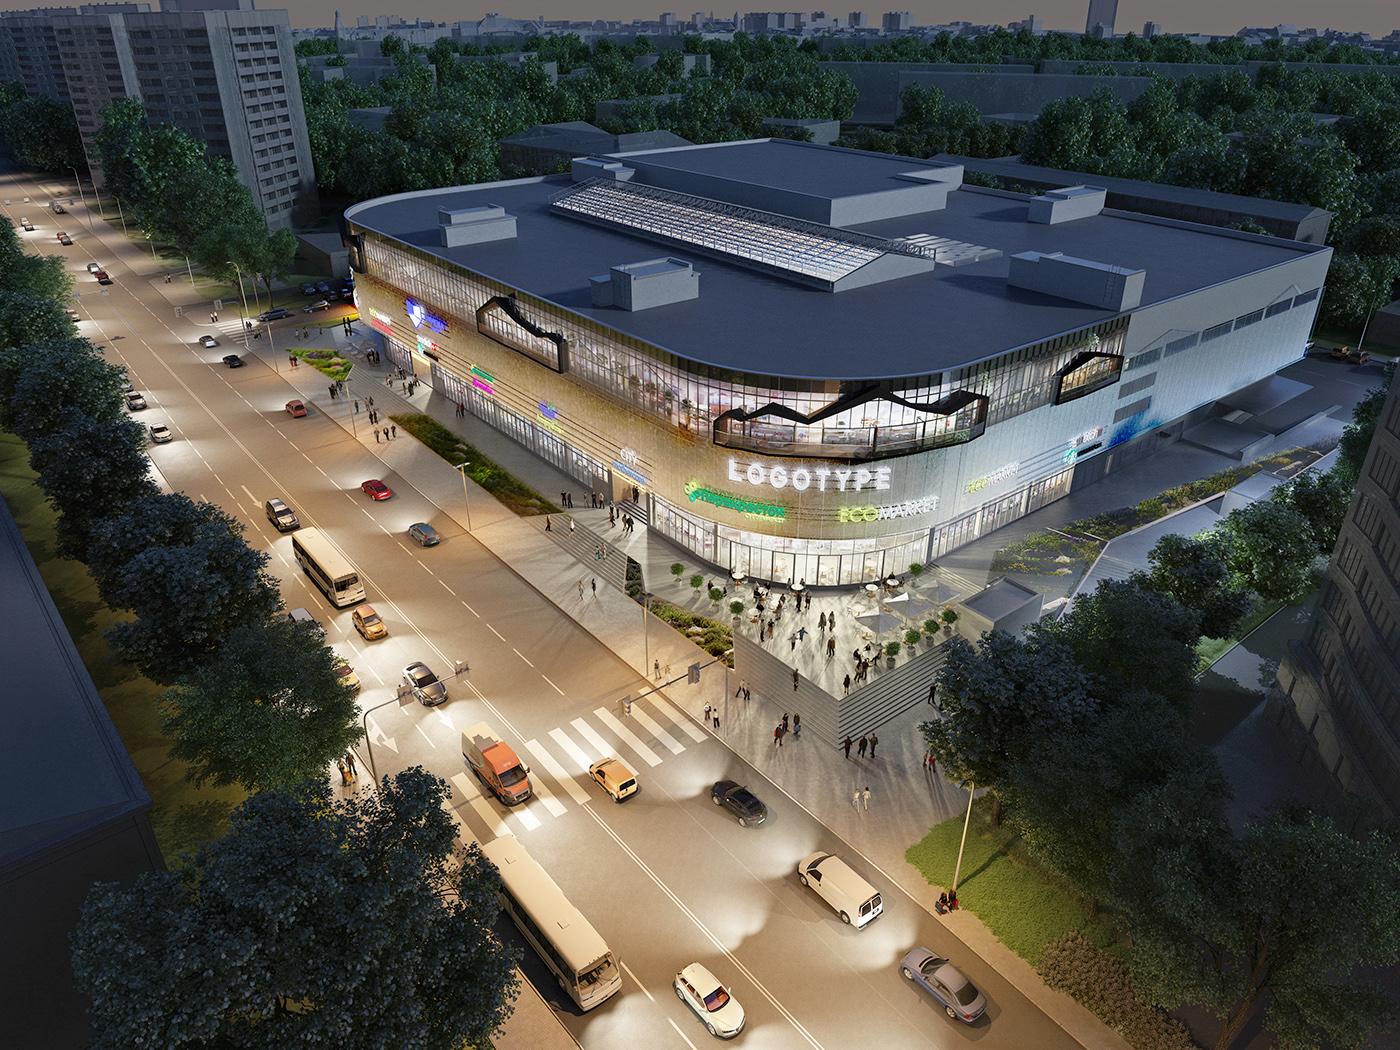 Здание торгового центра расположено на земельном участке площадью свыше 10 тыс. кв. м, указано на странице проекта на сайте Blank Architects. В «Пятой Авеню» будет три наземных и два подземных этажа общей площадью 18,3 тыс. кв. м, а также балкон-терраса площадью 1,2 тыс. кв. м по периметру фасада